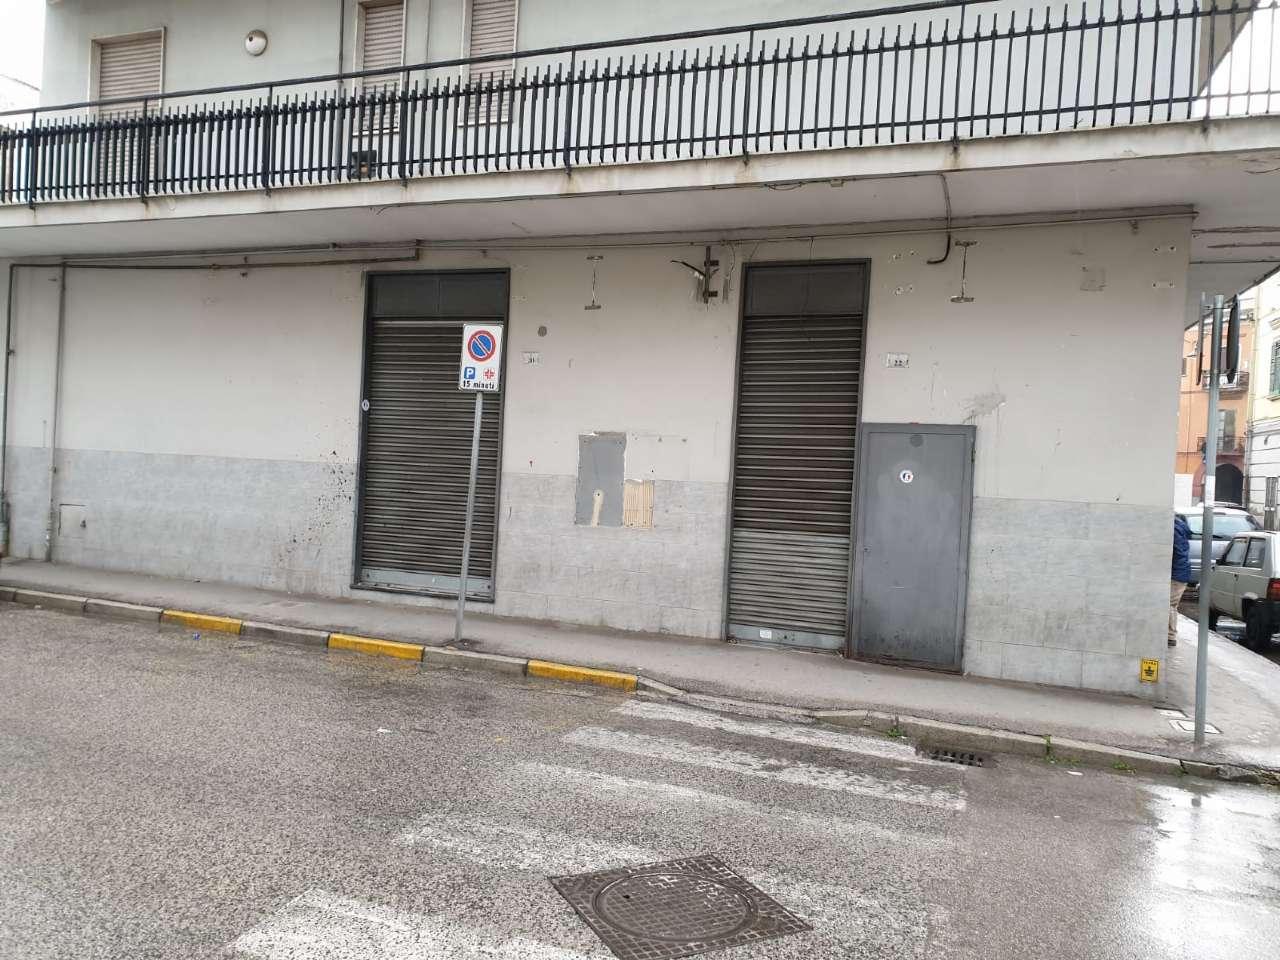 Negozio / Locale in affitto a Afragola, 3 locali, prezzo € 900 | CambioCasa.it